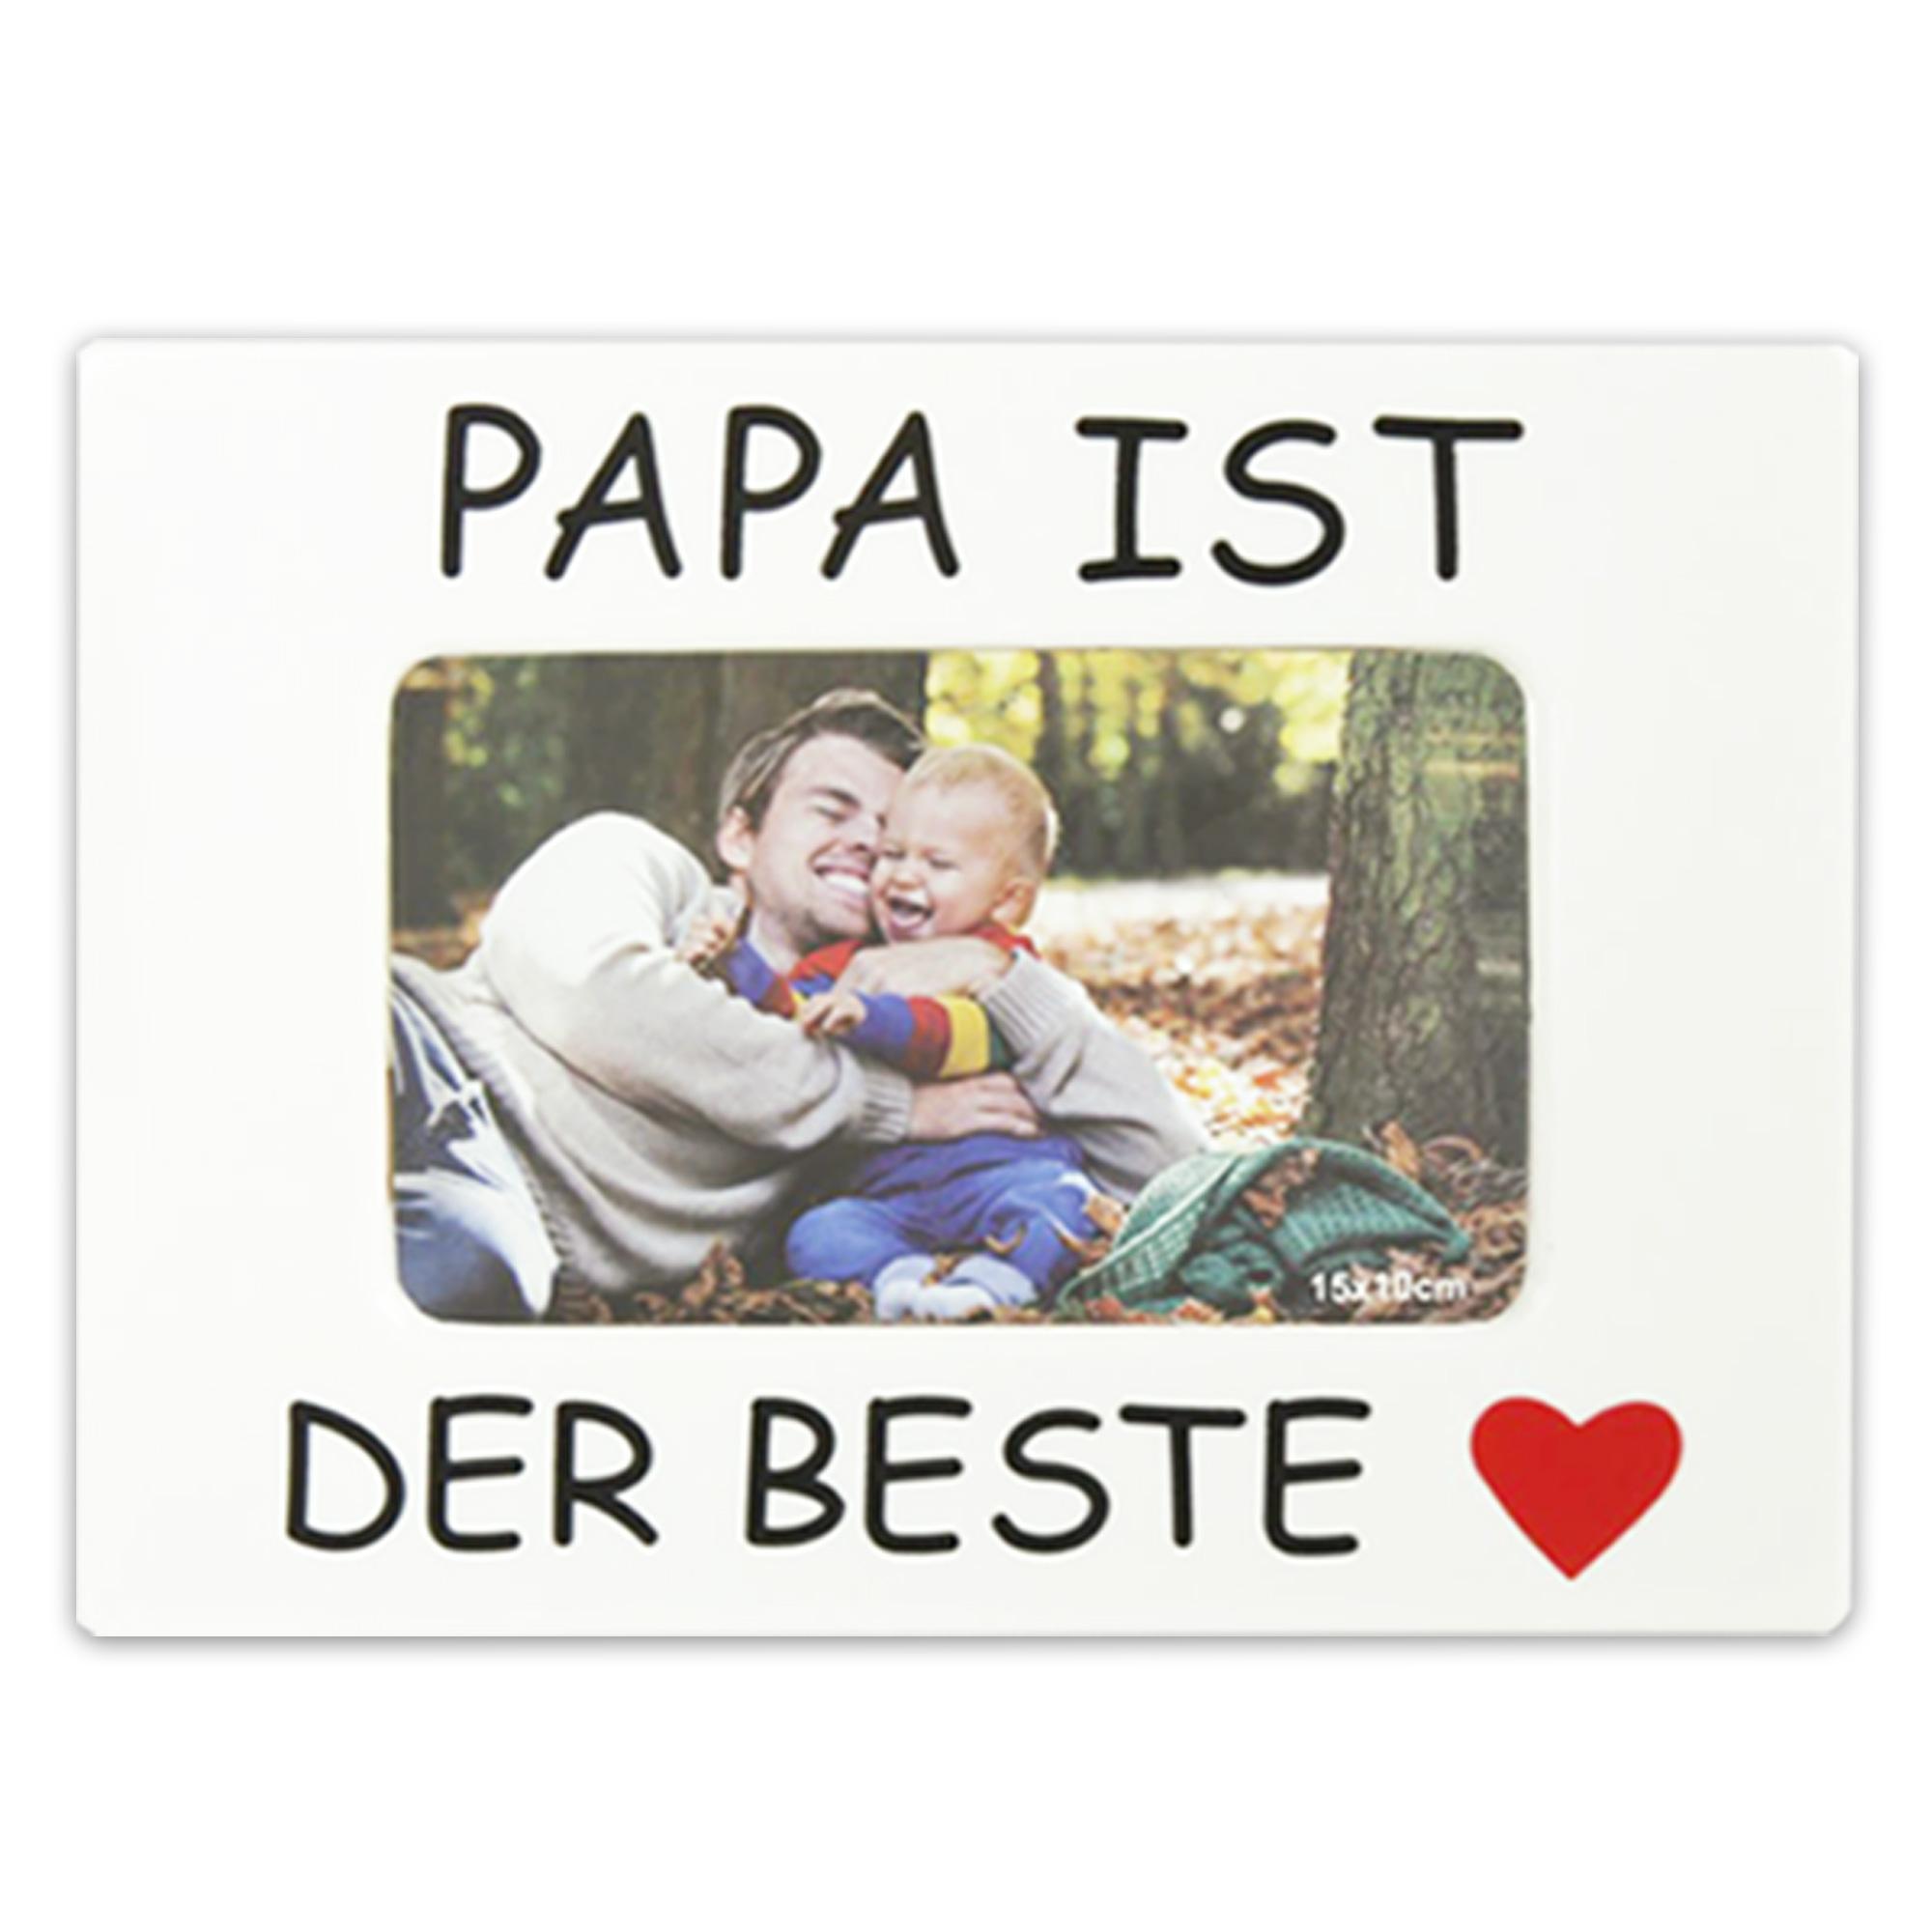 Papa Ist Die Beste